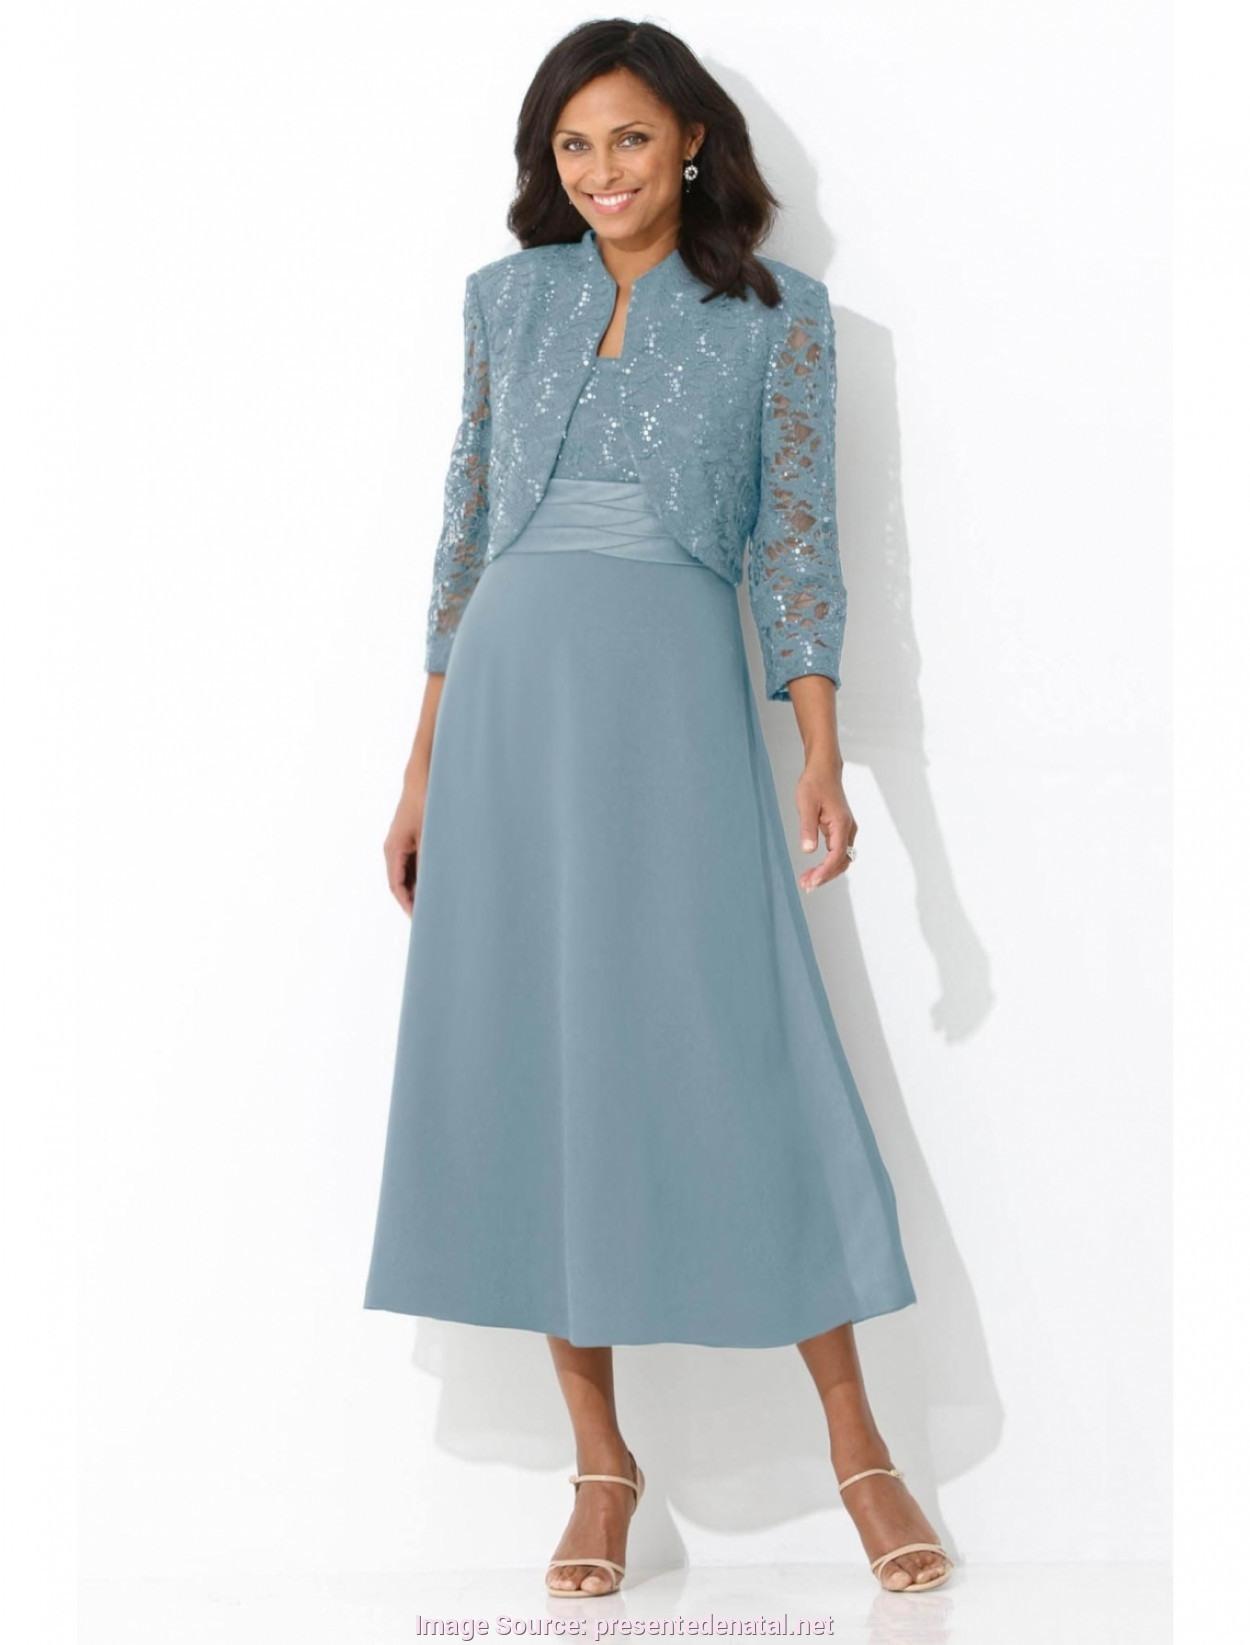 20 Ausgezeichnet Elegante Kleider Wadenlang VertriebDesigner Wunderbar Elegante Kleider Wadenlang Galerie